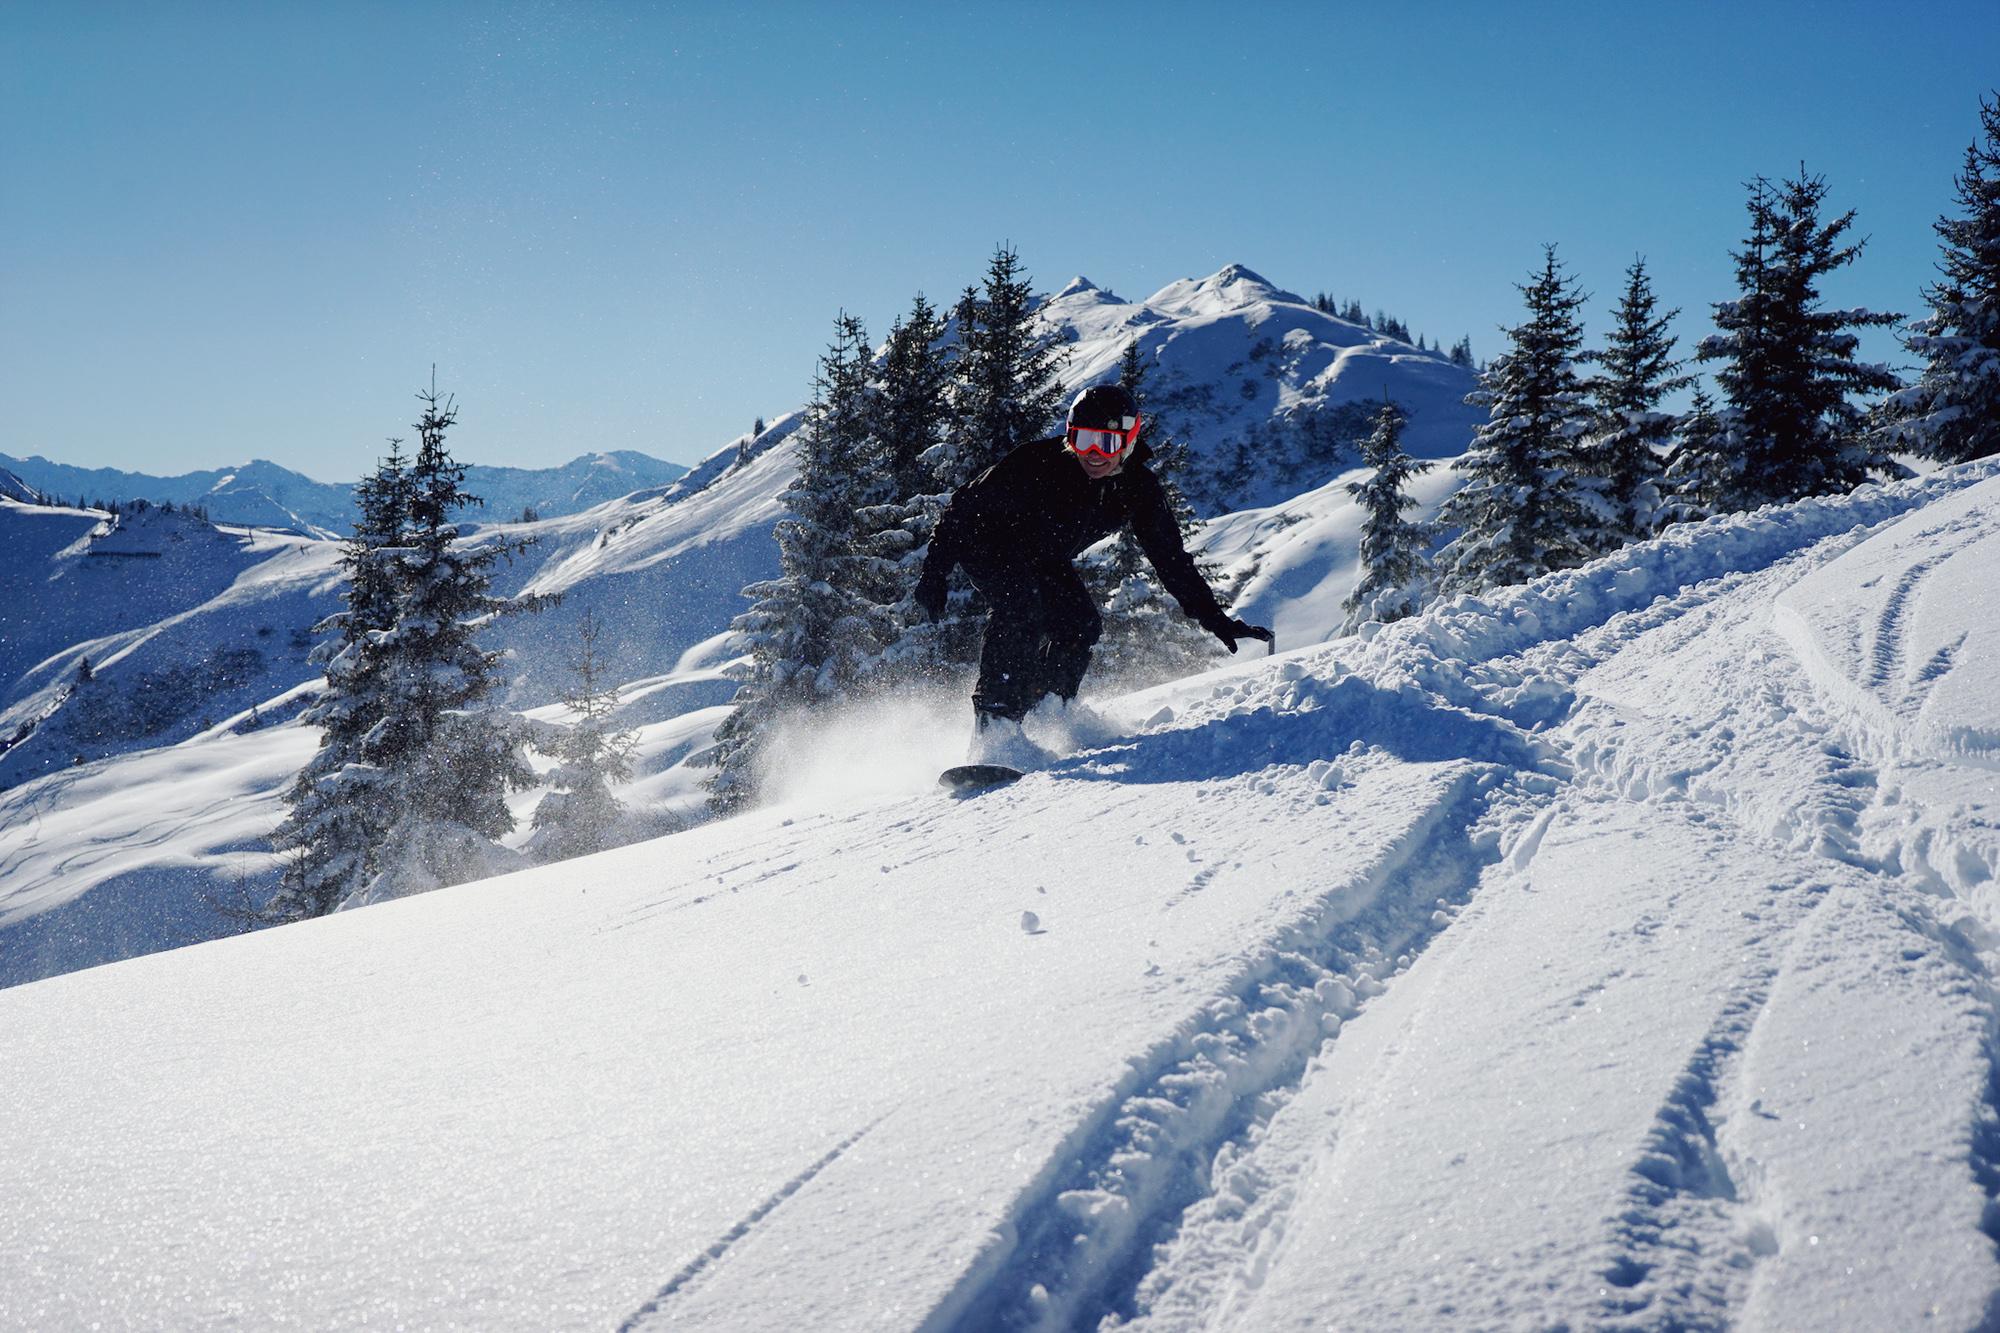 2017-04-Haus-Hirt - haus-hirt-bad-gastein-nectarandpulse-skiing-23.jpg